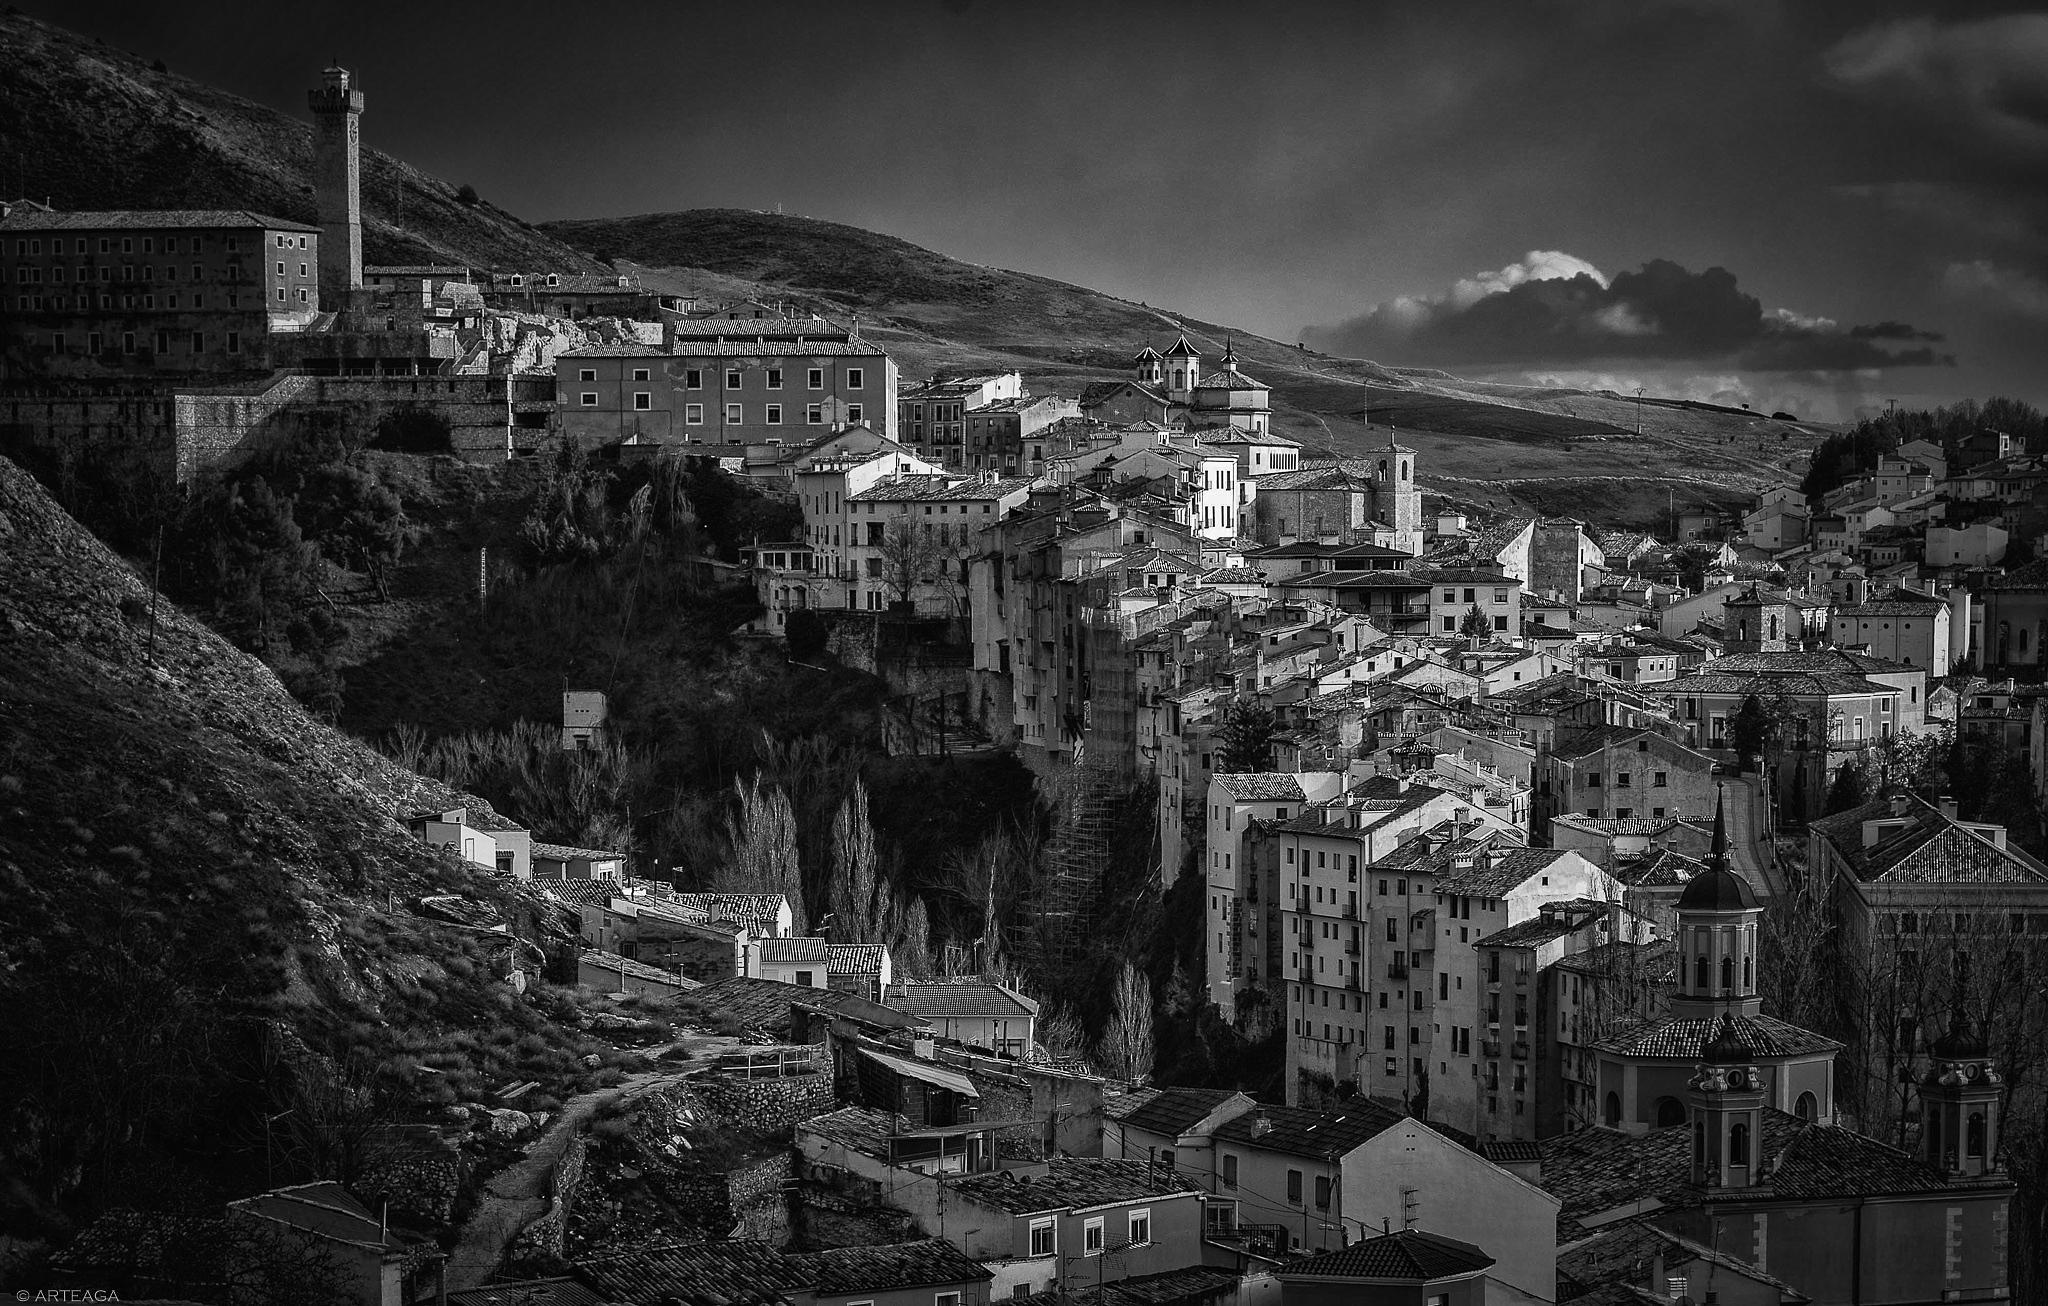 Cuenca, Jucar river valley by arteaga